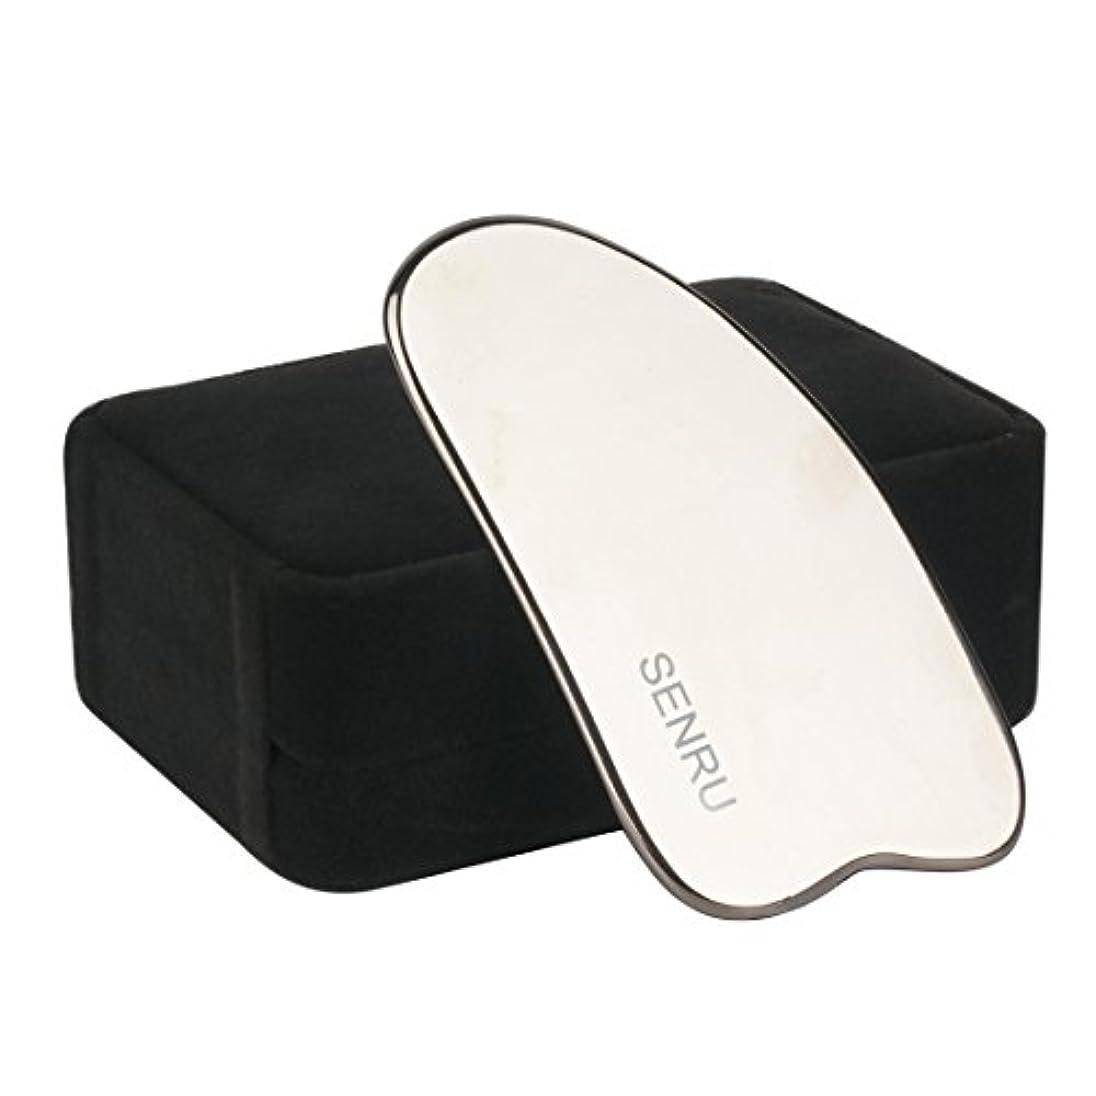 圧倒するスティック聖域SENRU チタン カッサプレート かっさマッサージ 刮痧 リンパ解毒 全身血行促進 疲れやストレス緩和 専用ケース袋付き